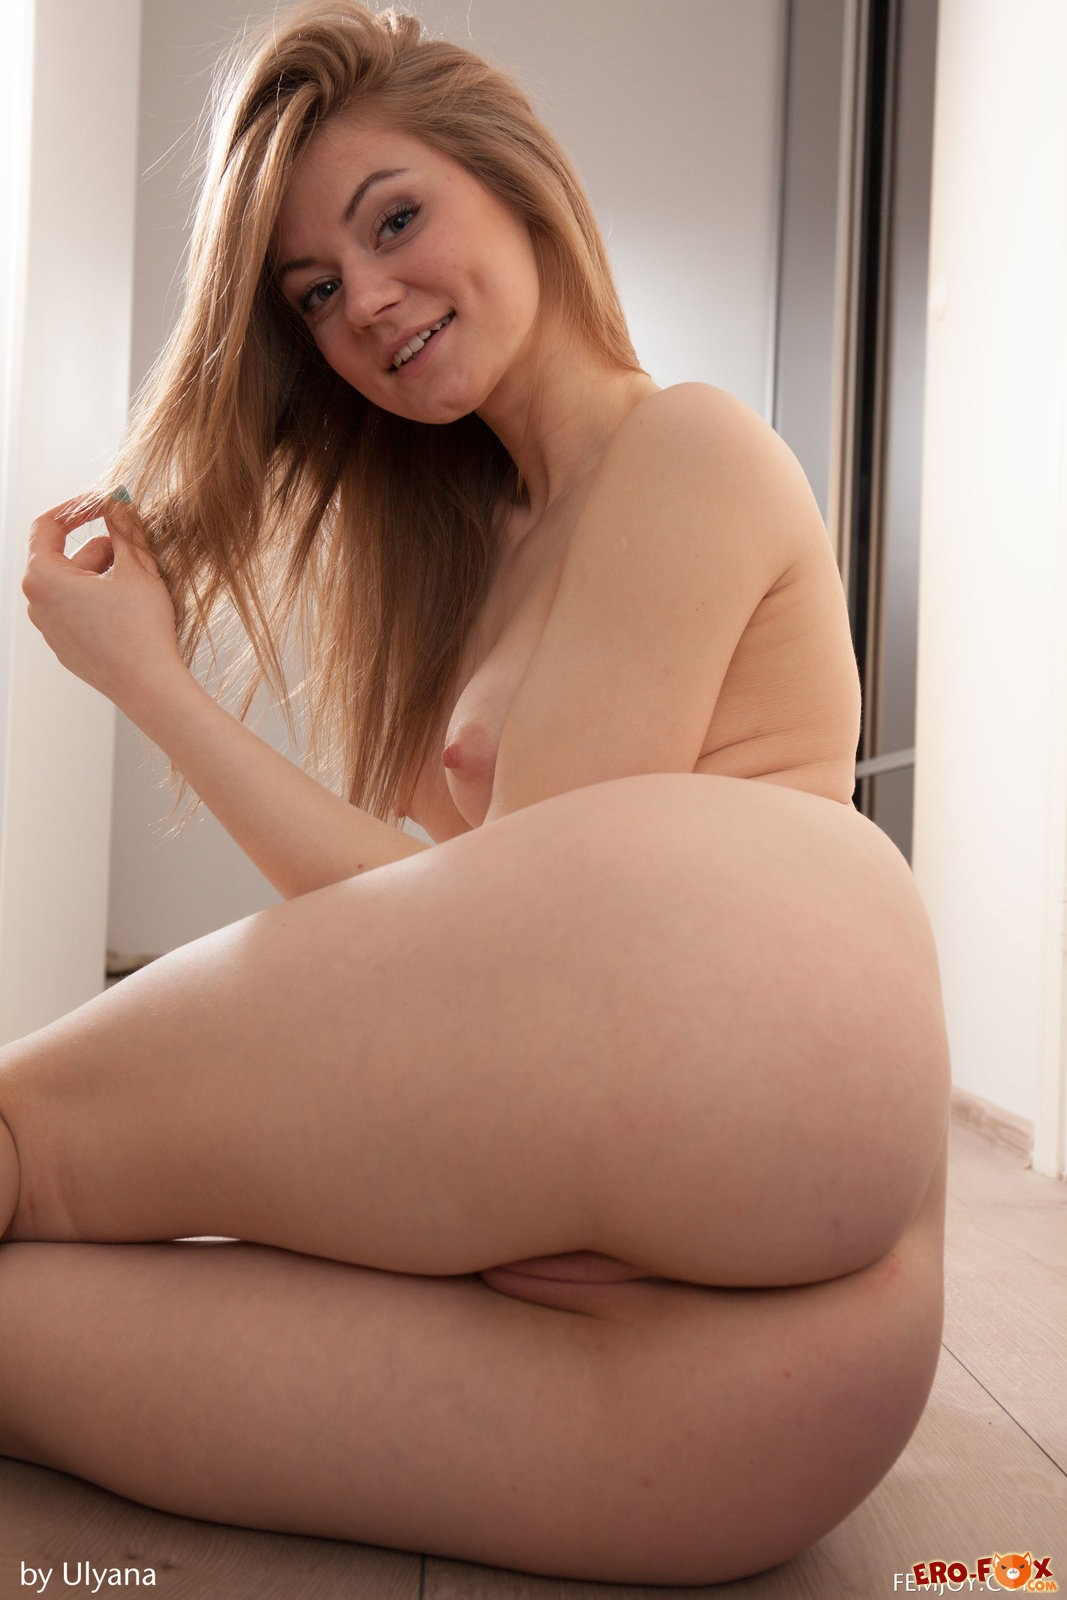 Девушка с красивой натуральной грудью  упругой груди.